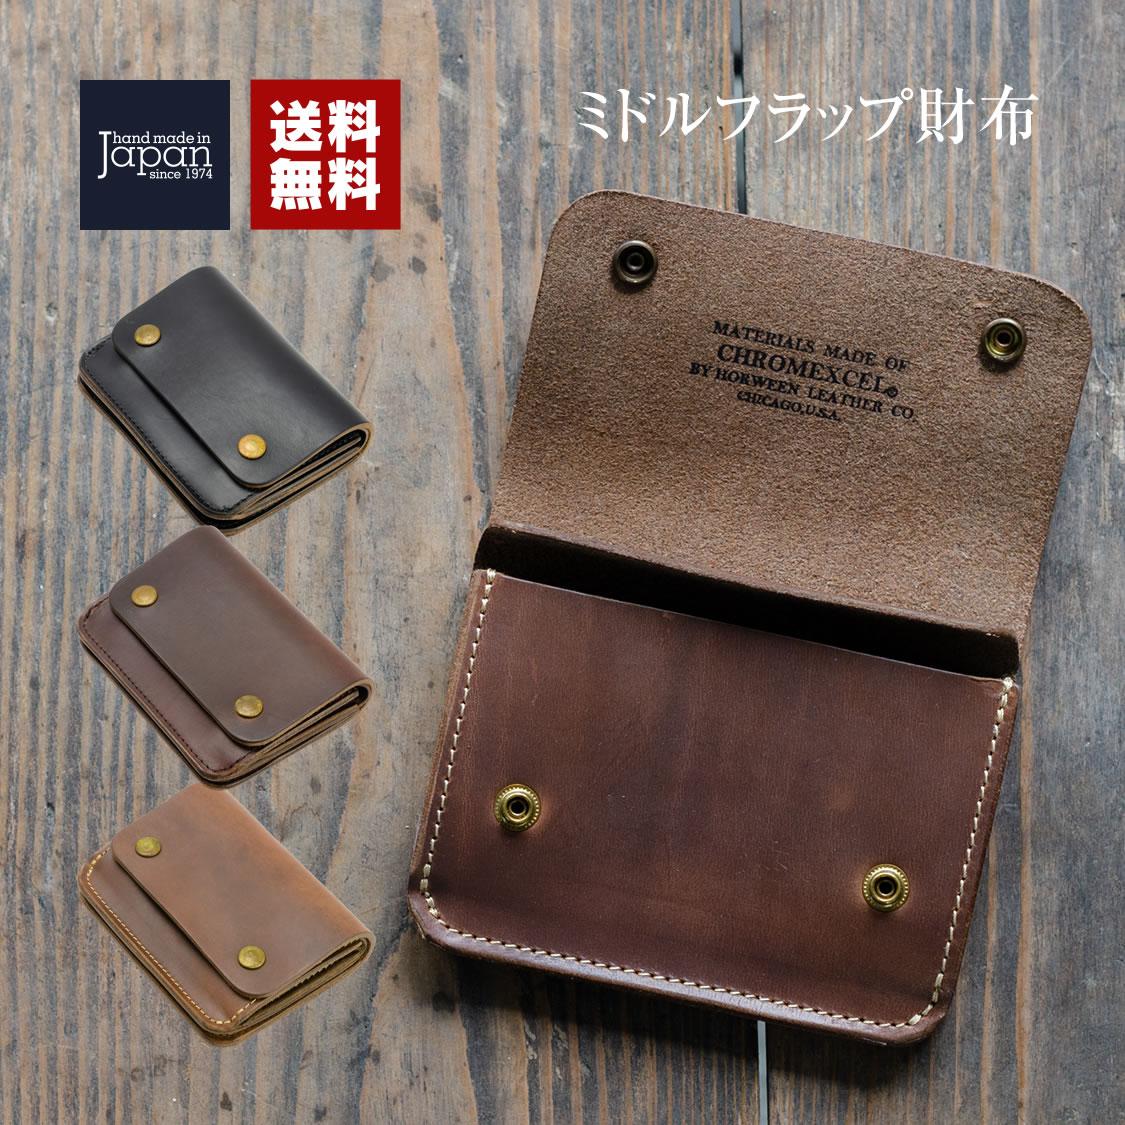 ミドルフラップ財布